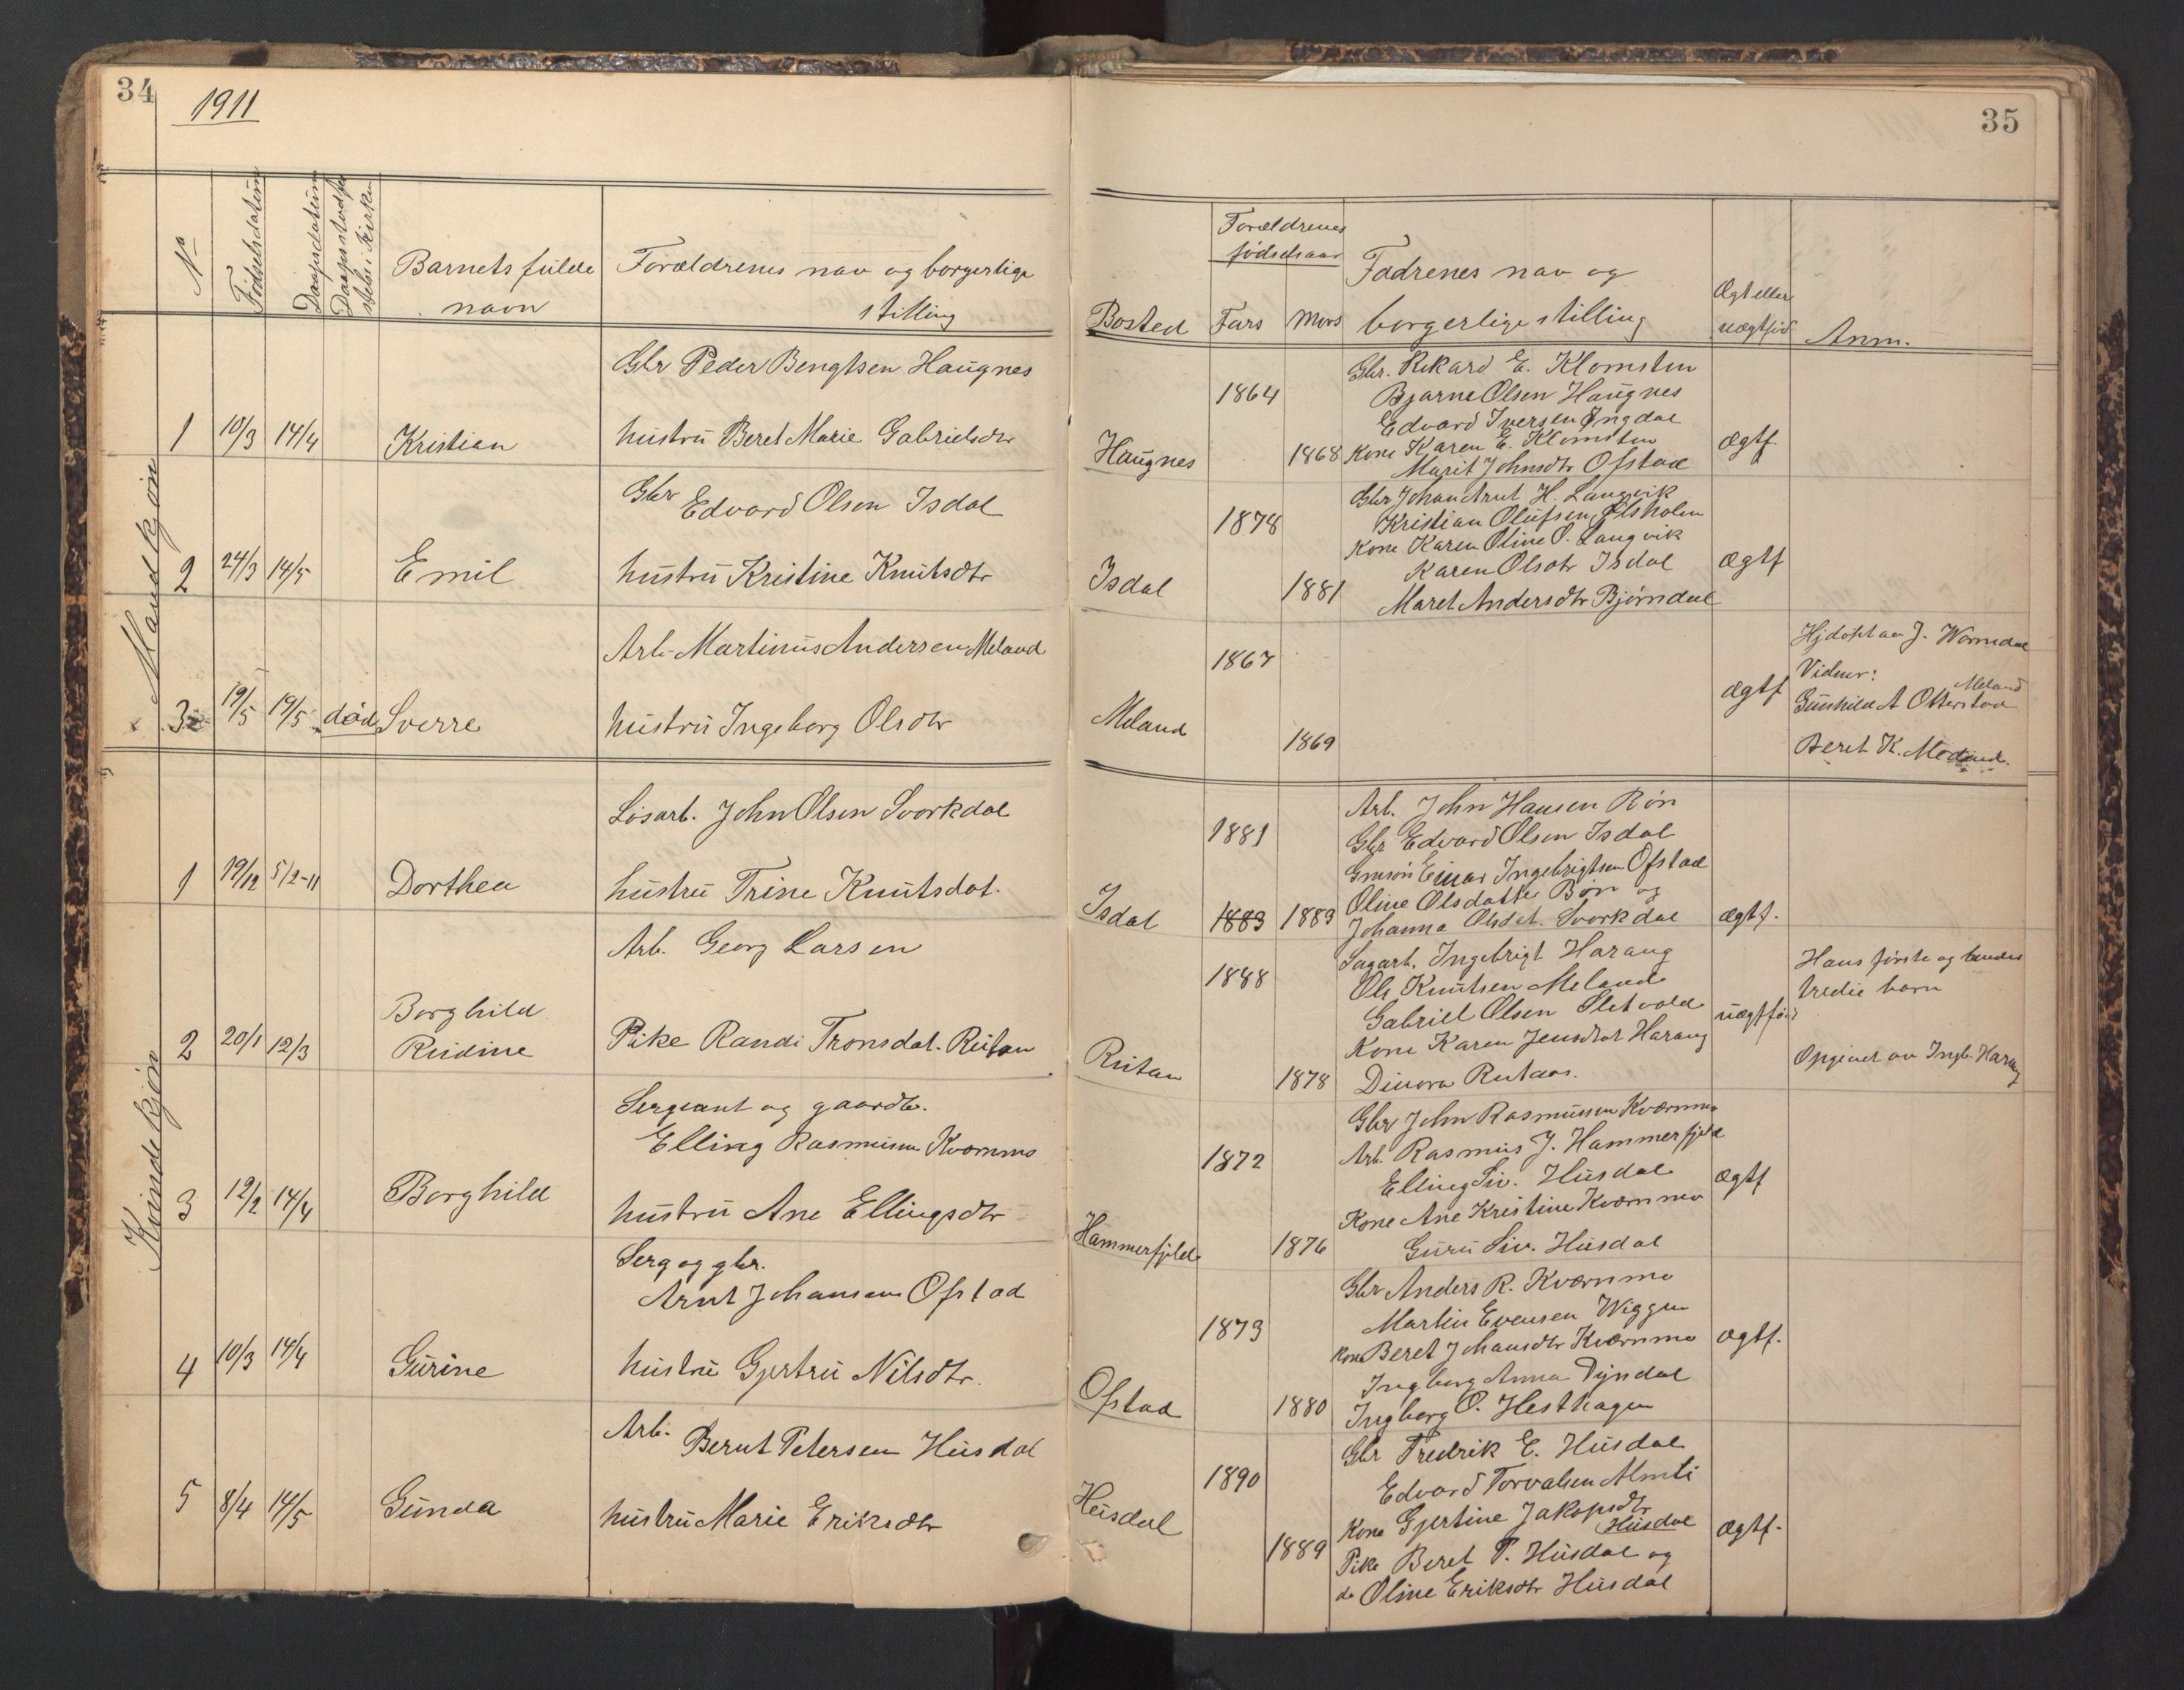 SAT, Ministerialprotokoller, klokkerbøker og fødselsregistre - Sør-Trøndelag, 670/L0837: Klokkerbok nr. 670C01, 1905-1946, s. 34-35